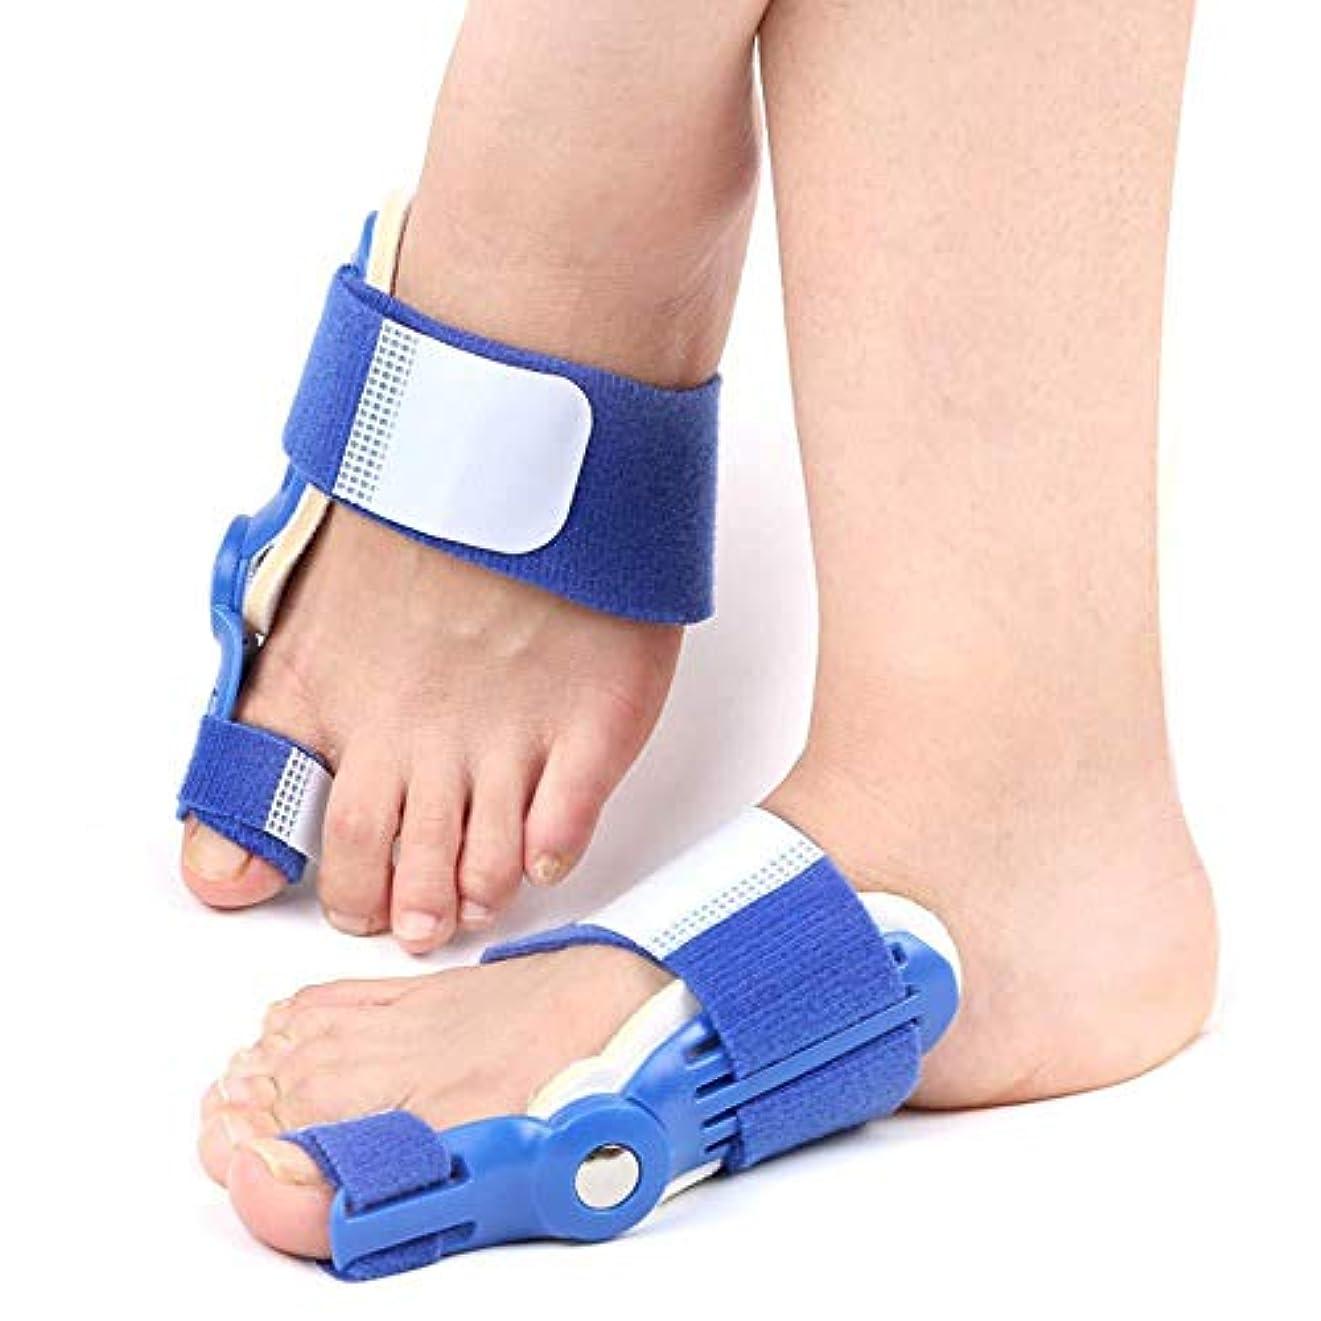 カテゴリー住居くすぐったい腱膜瘤矯正、足の親指のアライメント矯正矯正外科的疼痛緩和と腱膜瘤のサポートなしの腱膜瘤治療